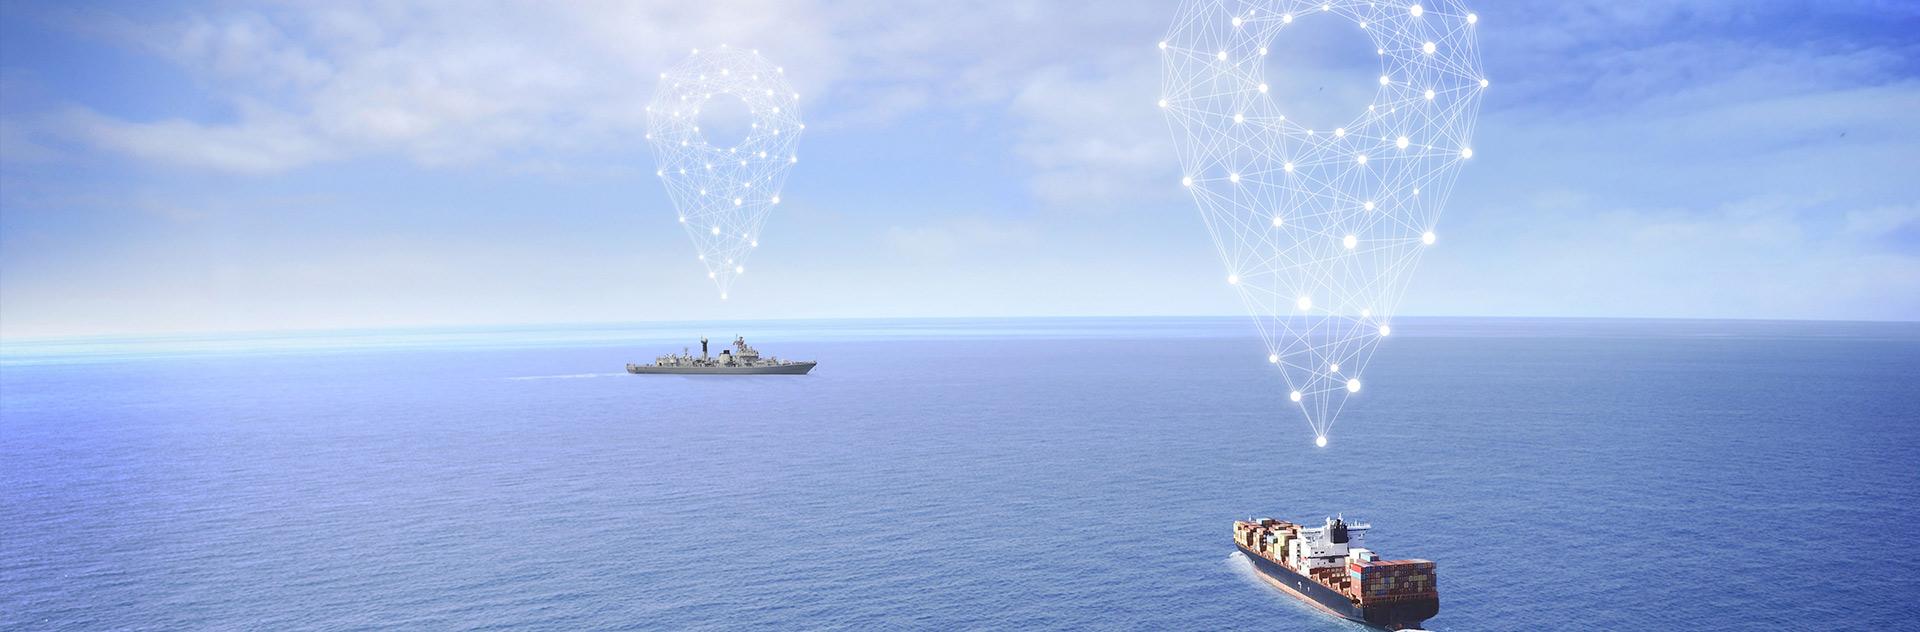 OceanFinder: A Digital Maritime Surveillance Service Powered by OneAtlas